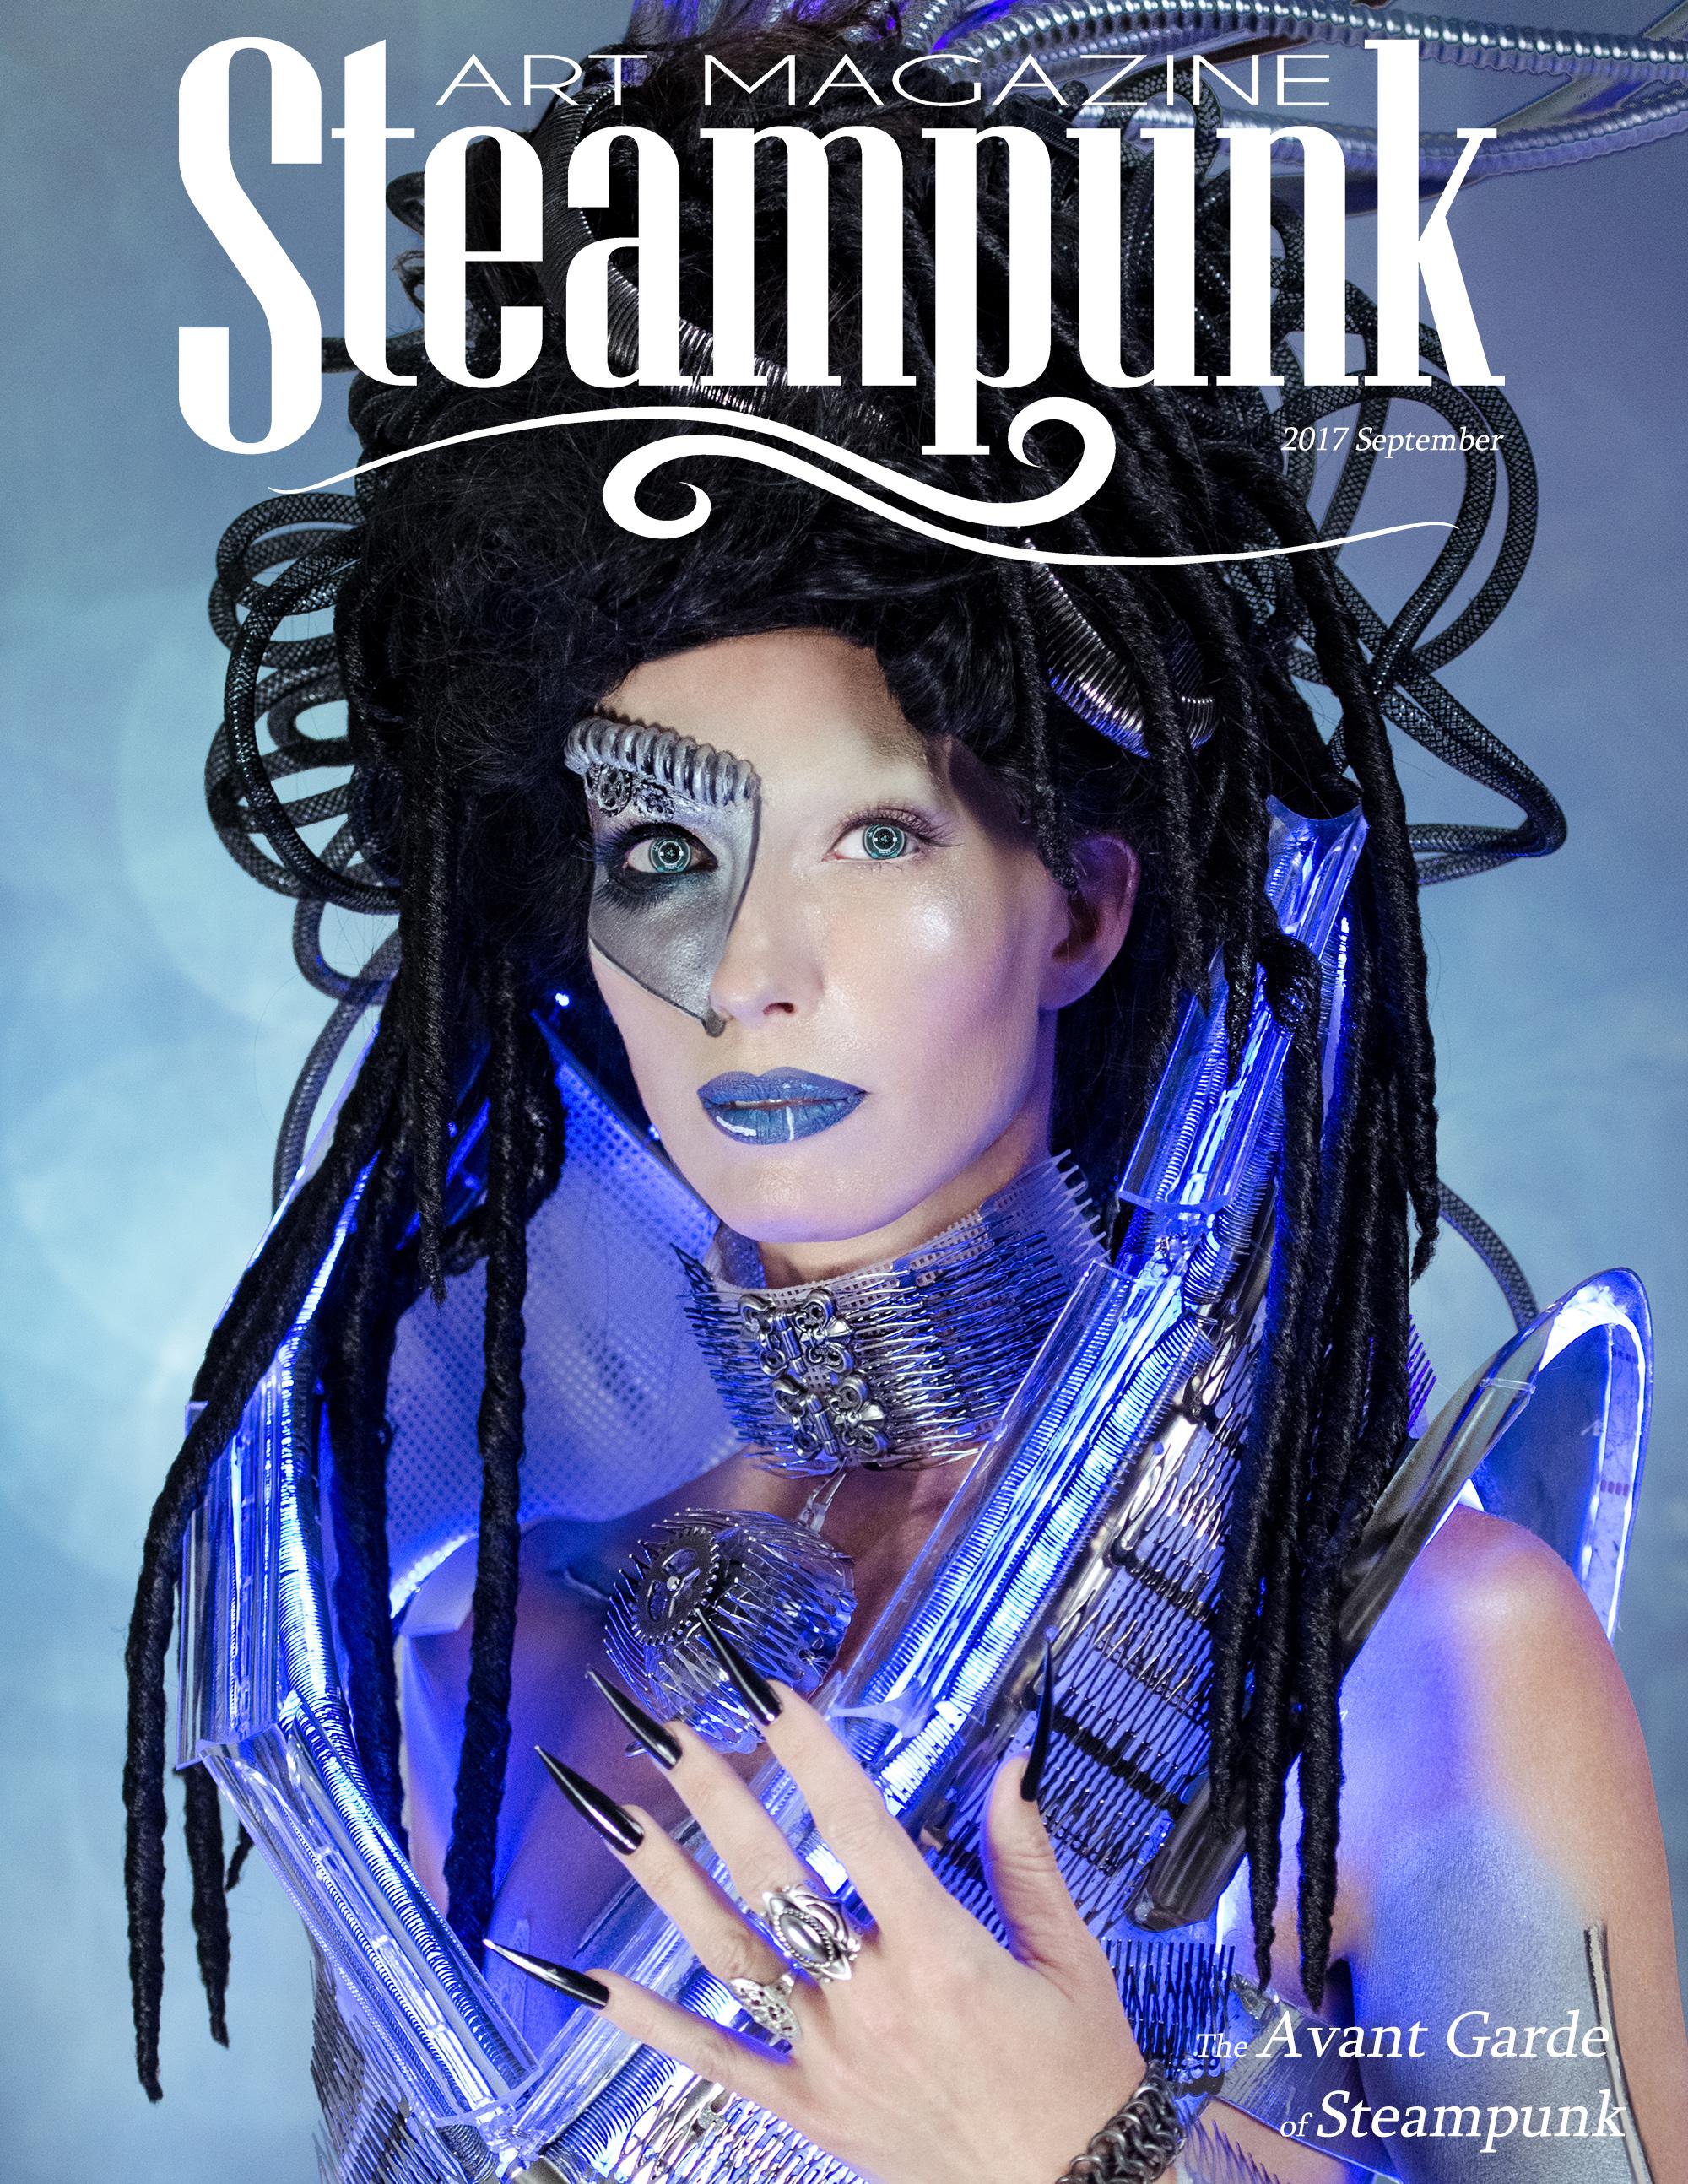 Steampunk Art Magazine_Cover_2017September_web.jpg